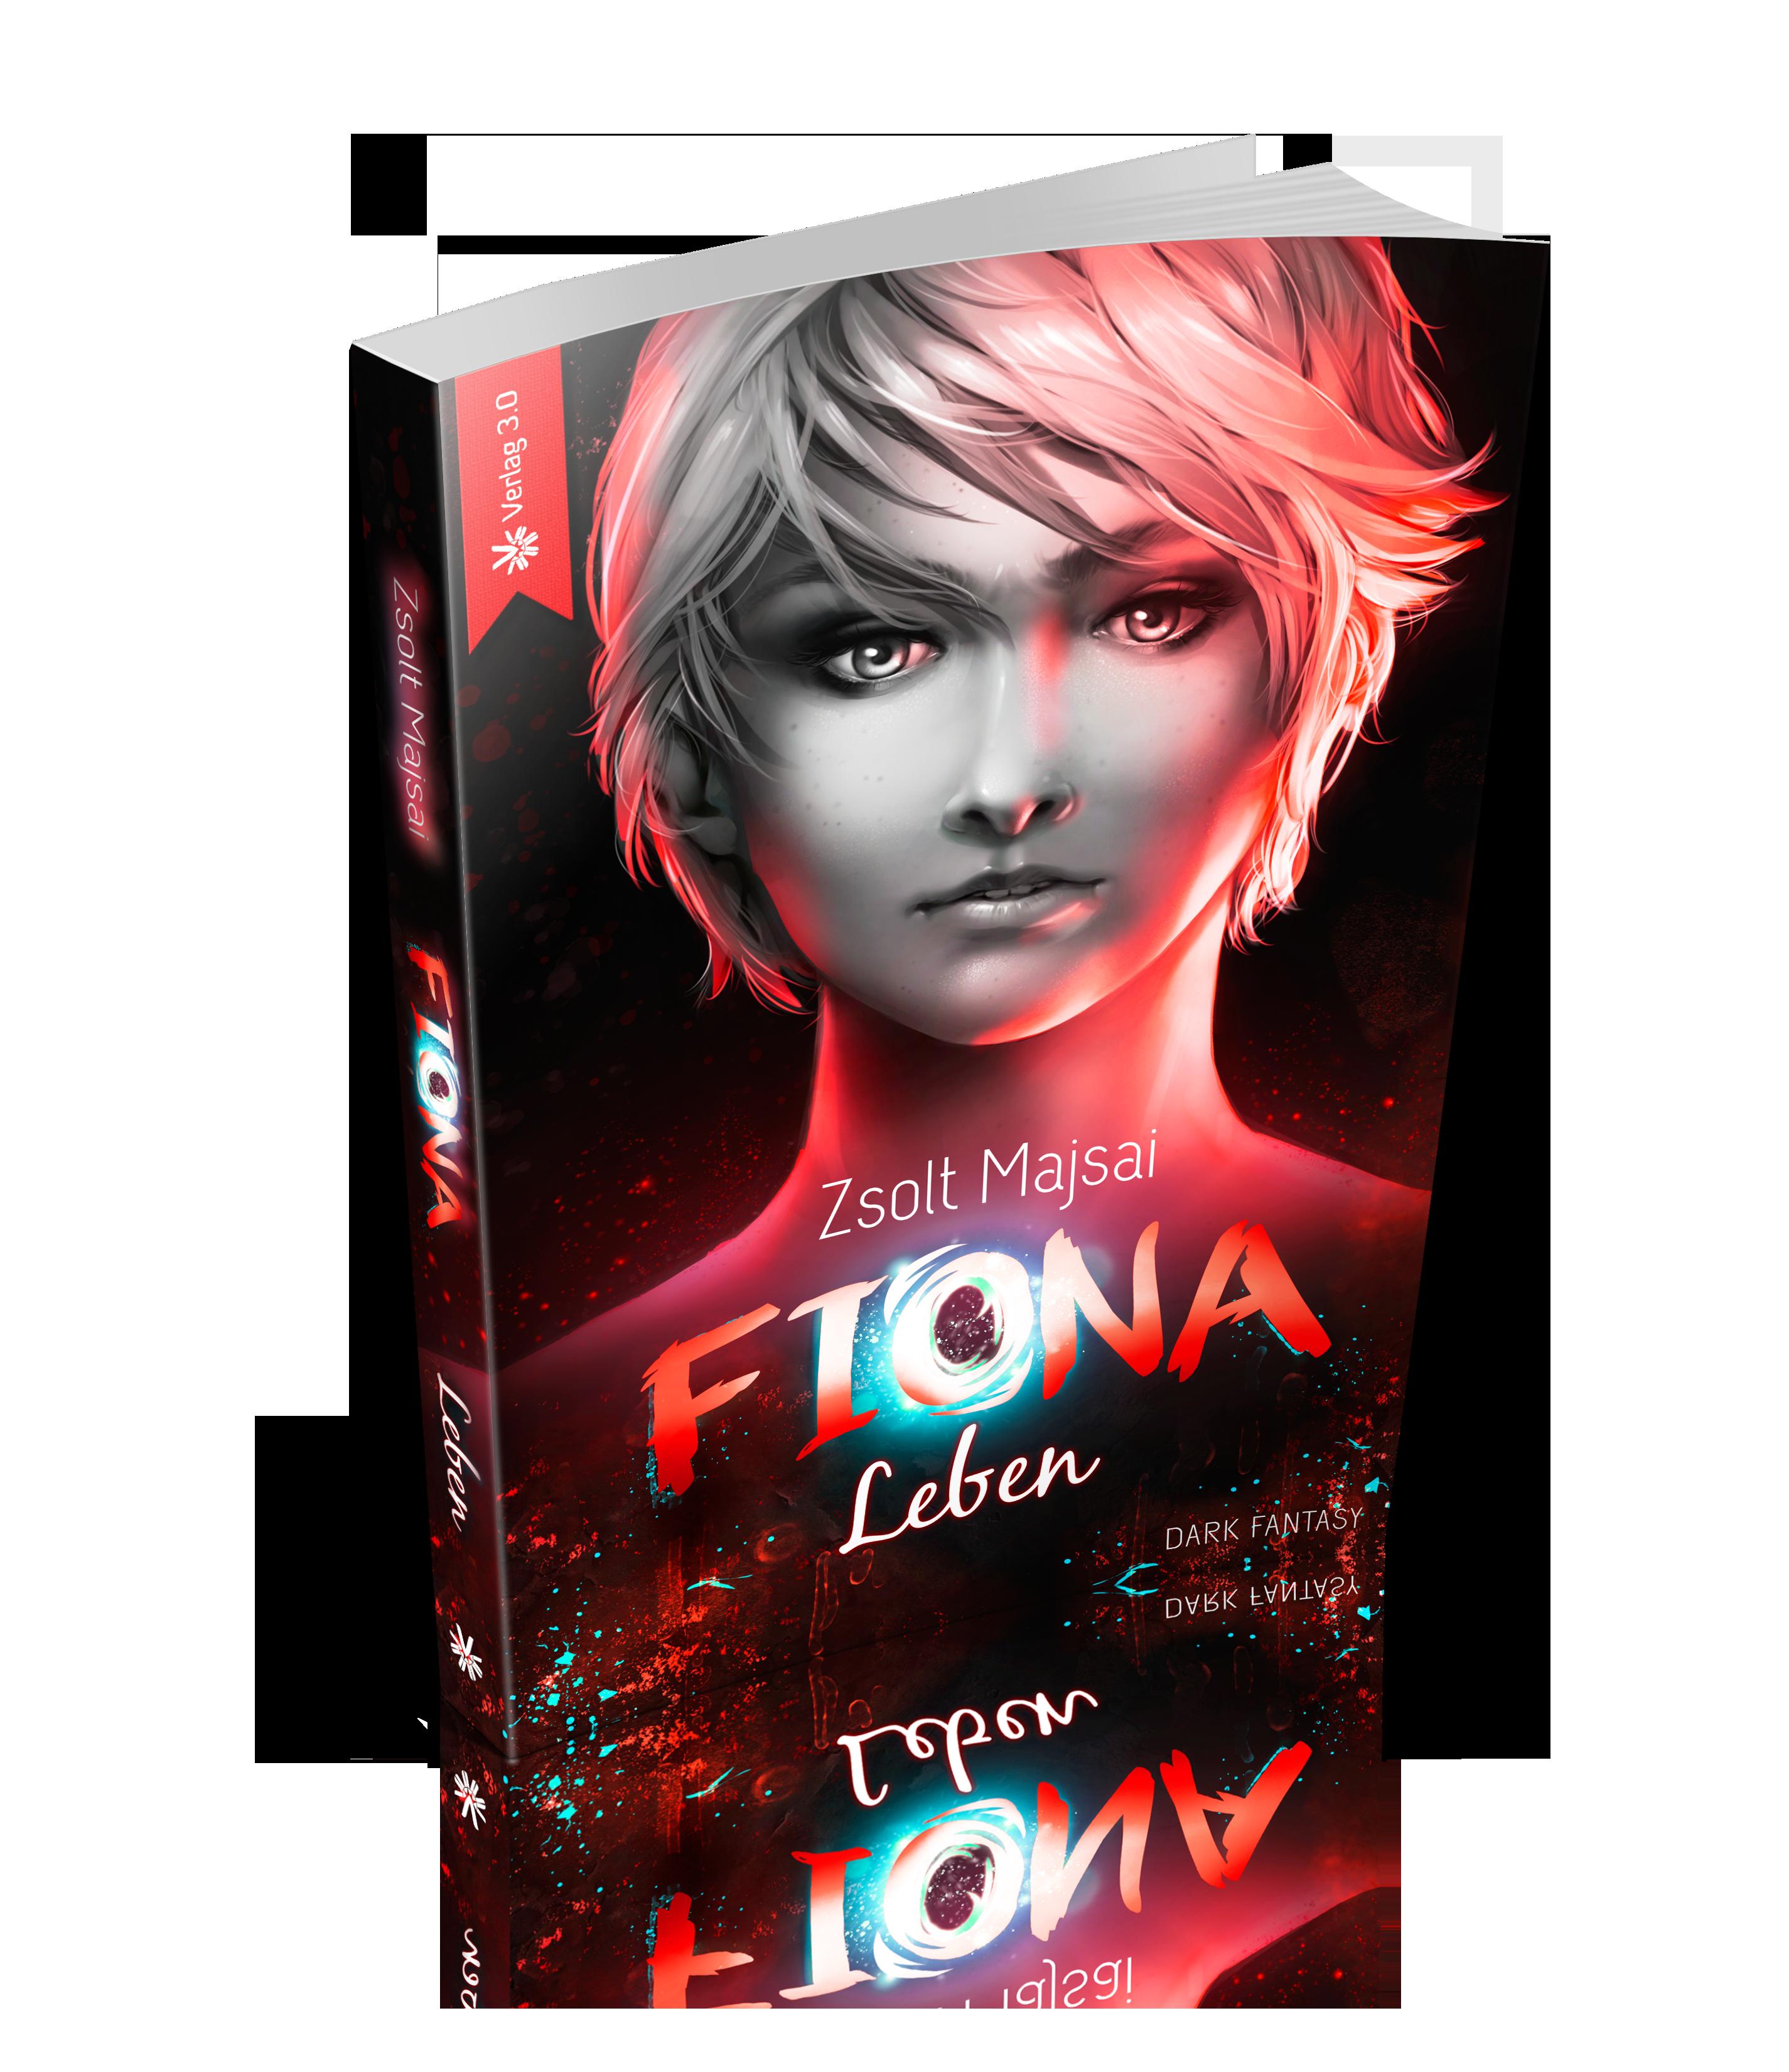 Fiona Leben